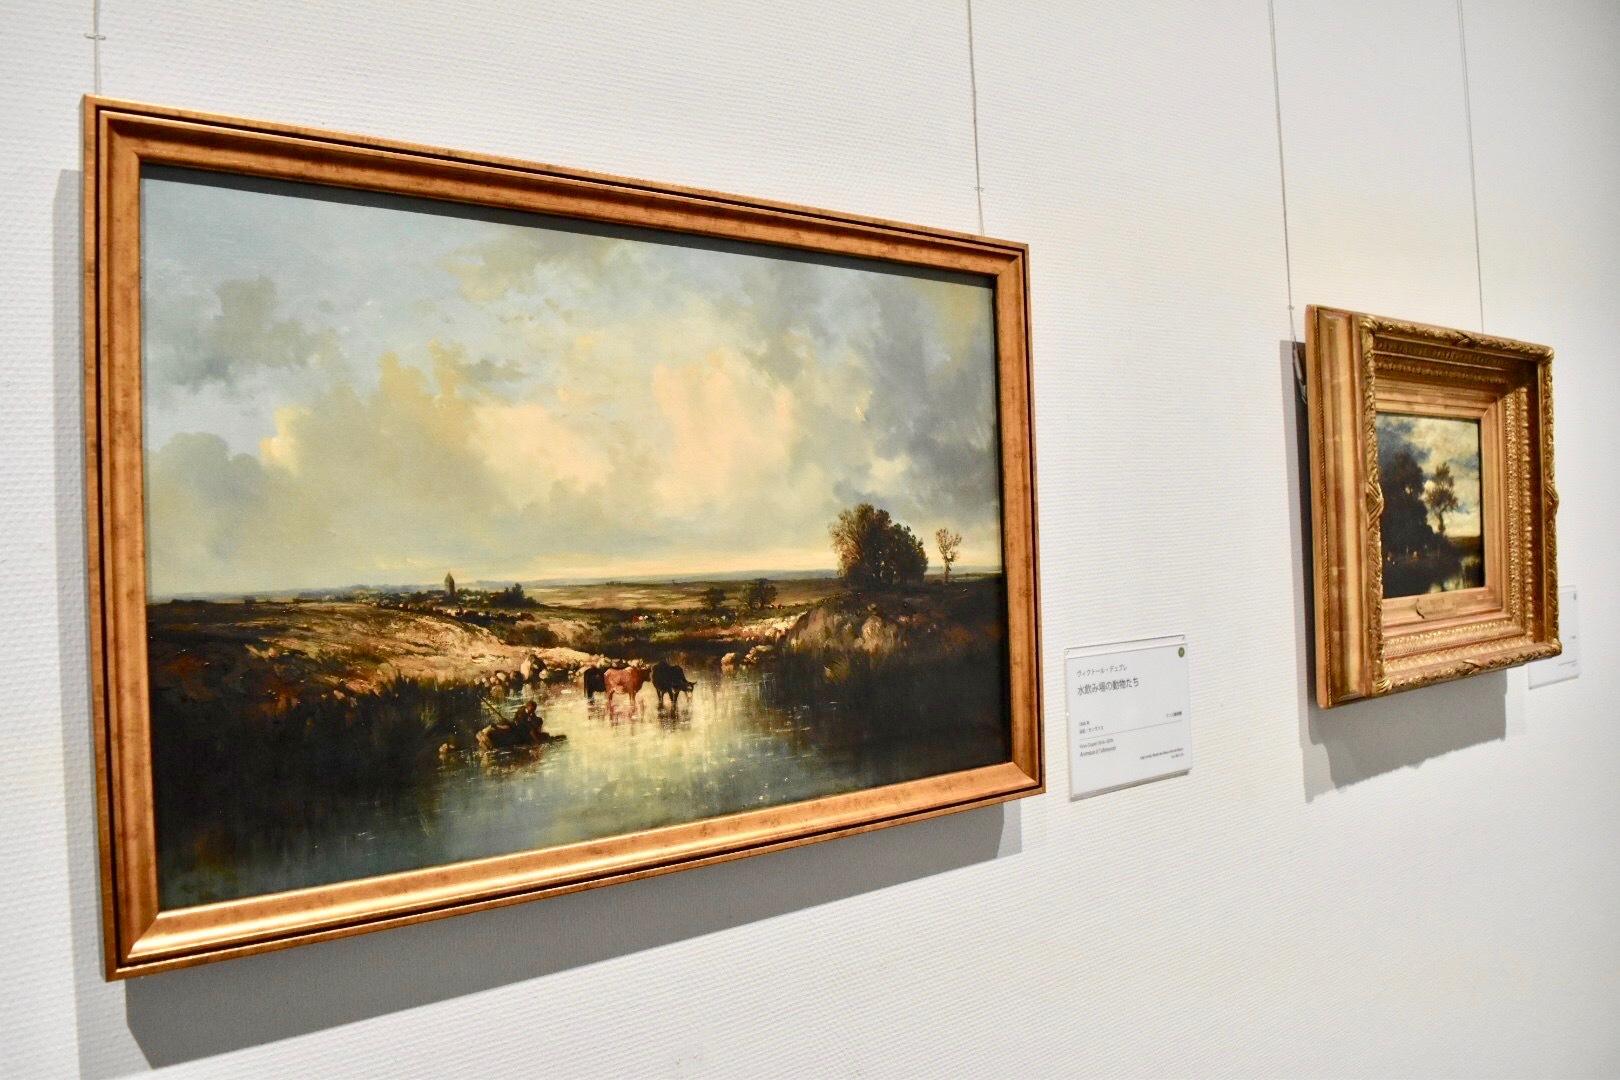 左:ヴィクトール・デュプレ 《水飲み場の動物たち》 1848年 ランス美術館蔵